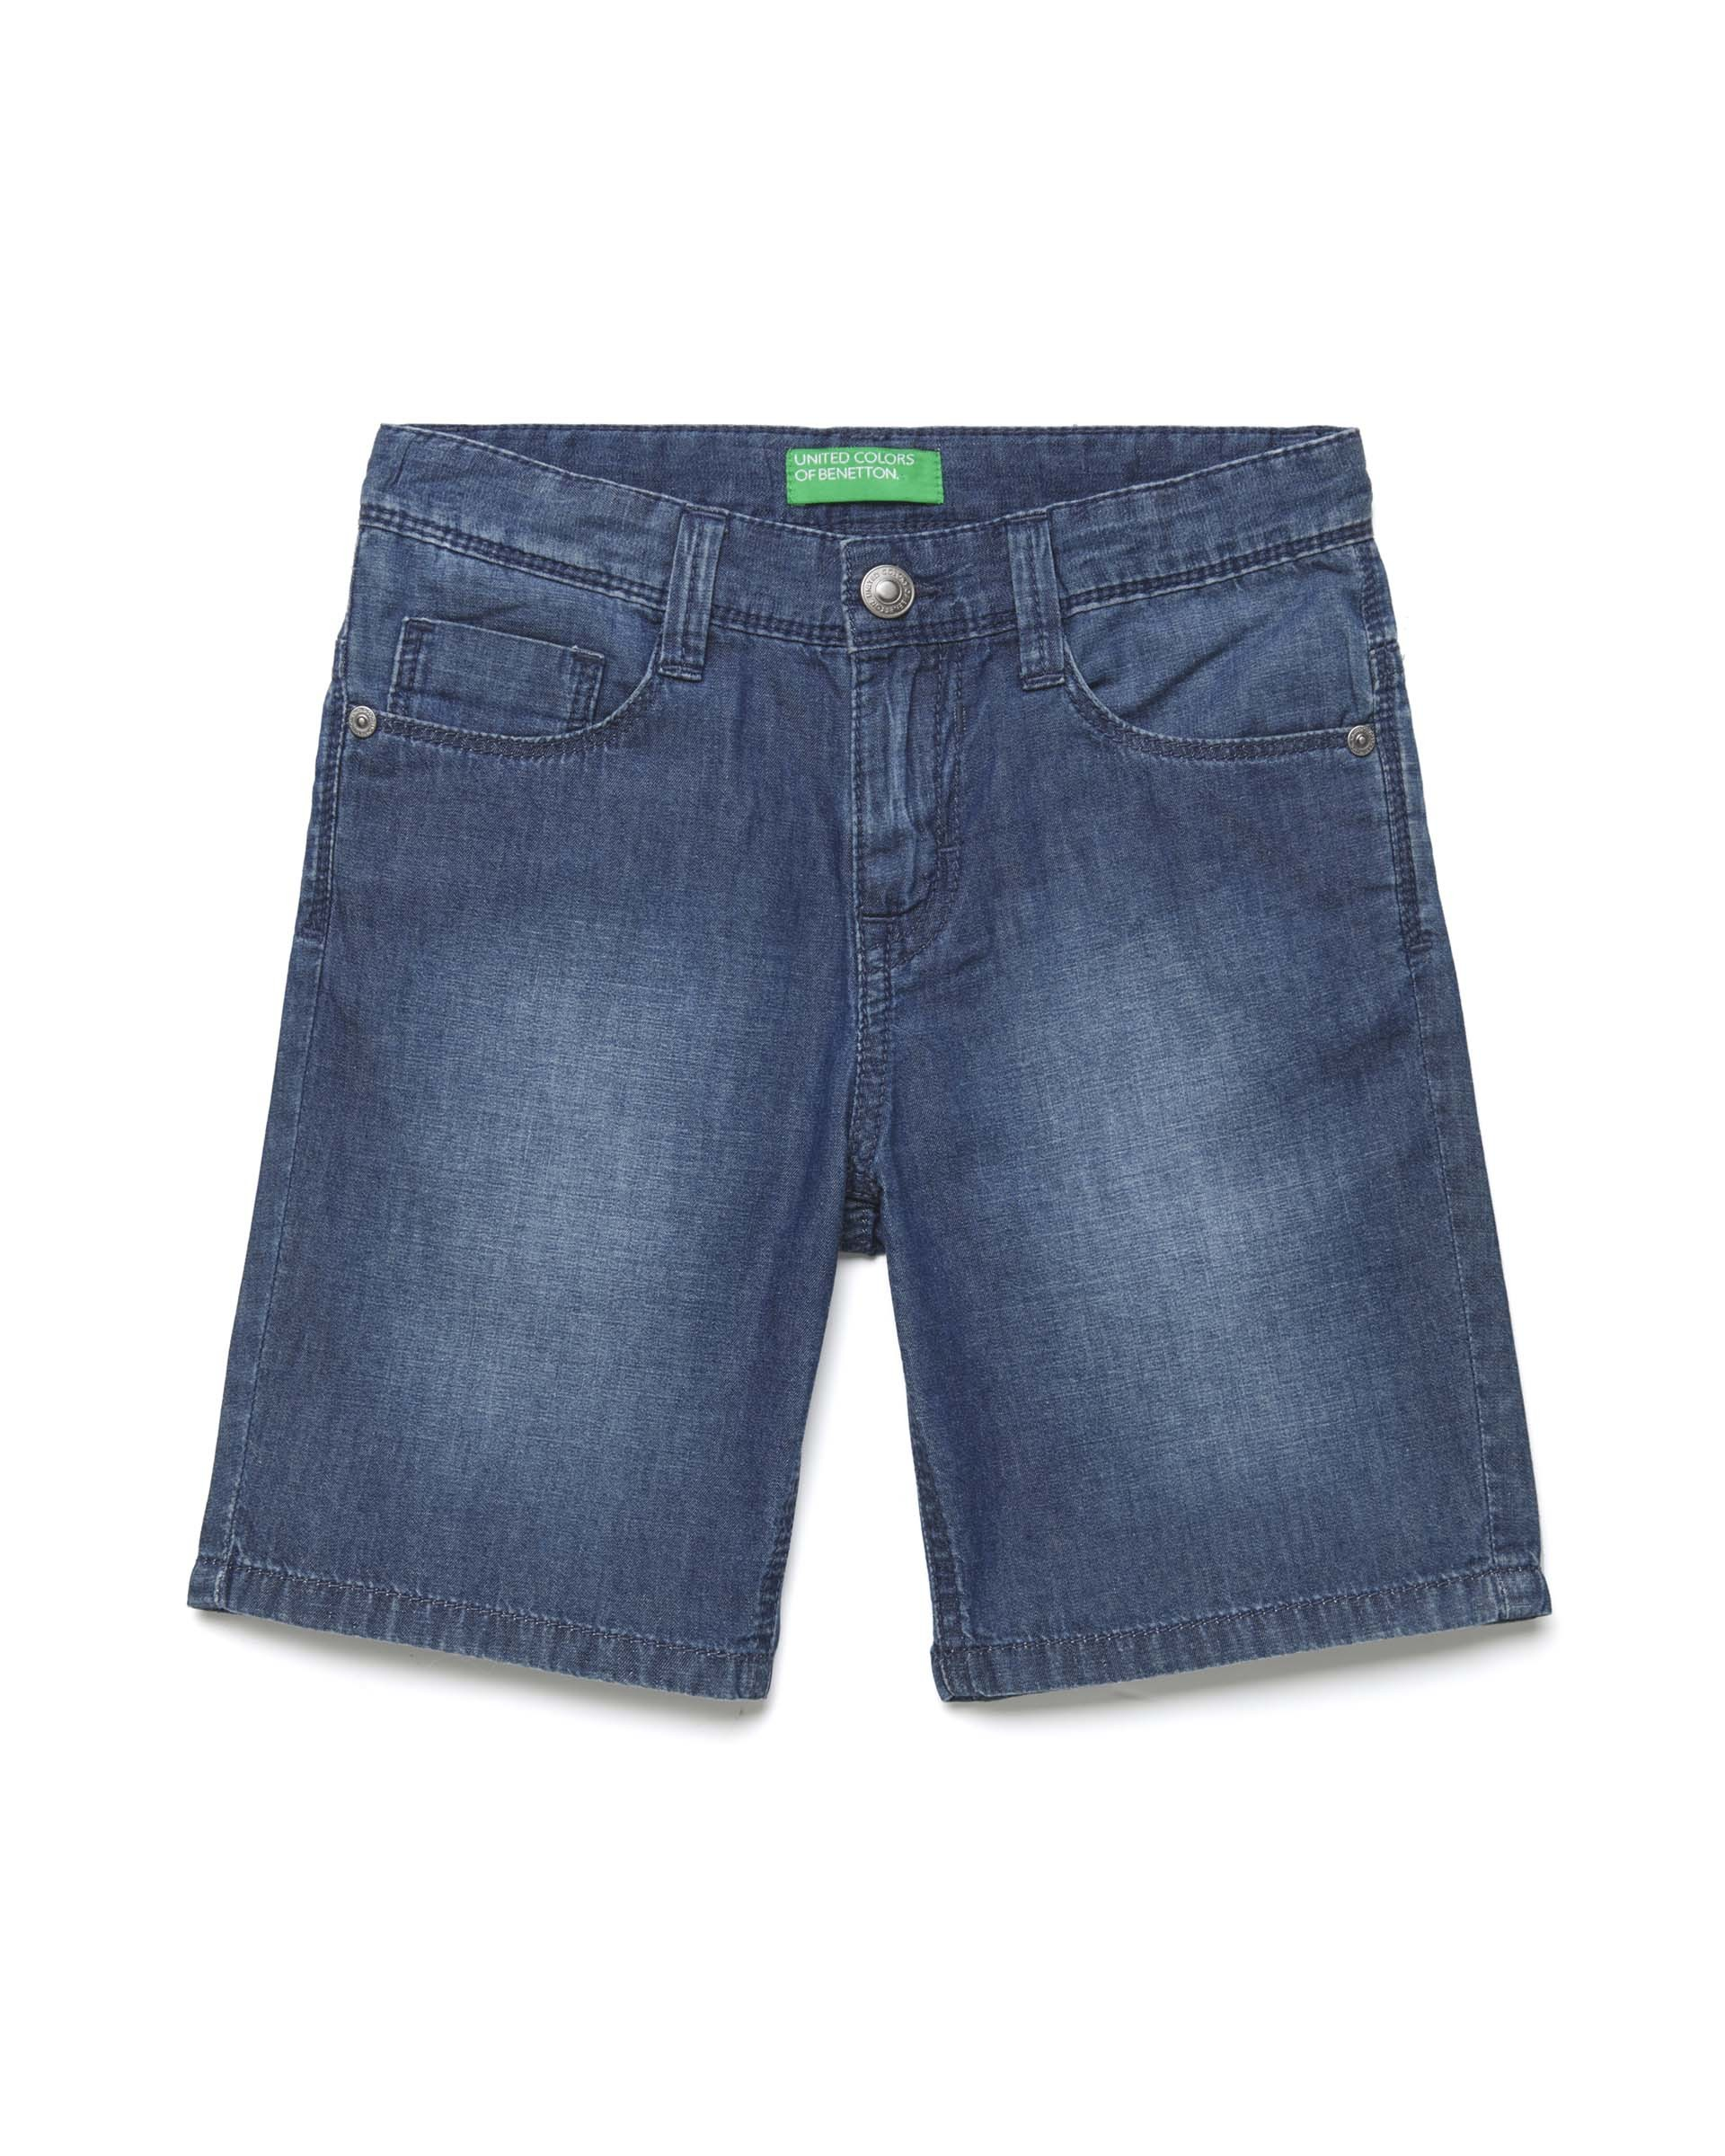 Купить 20P_4DHJ59CG0_901, Джинсовые шорты для мальчиков Benetton 4DHJ59CG0_901 р-р 152, United Colors of Benetton, Шорты для мальчиков